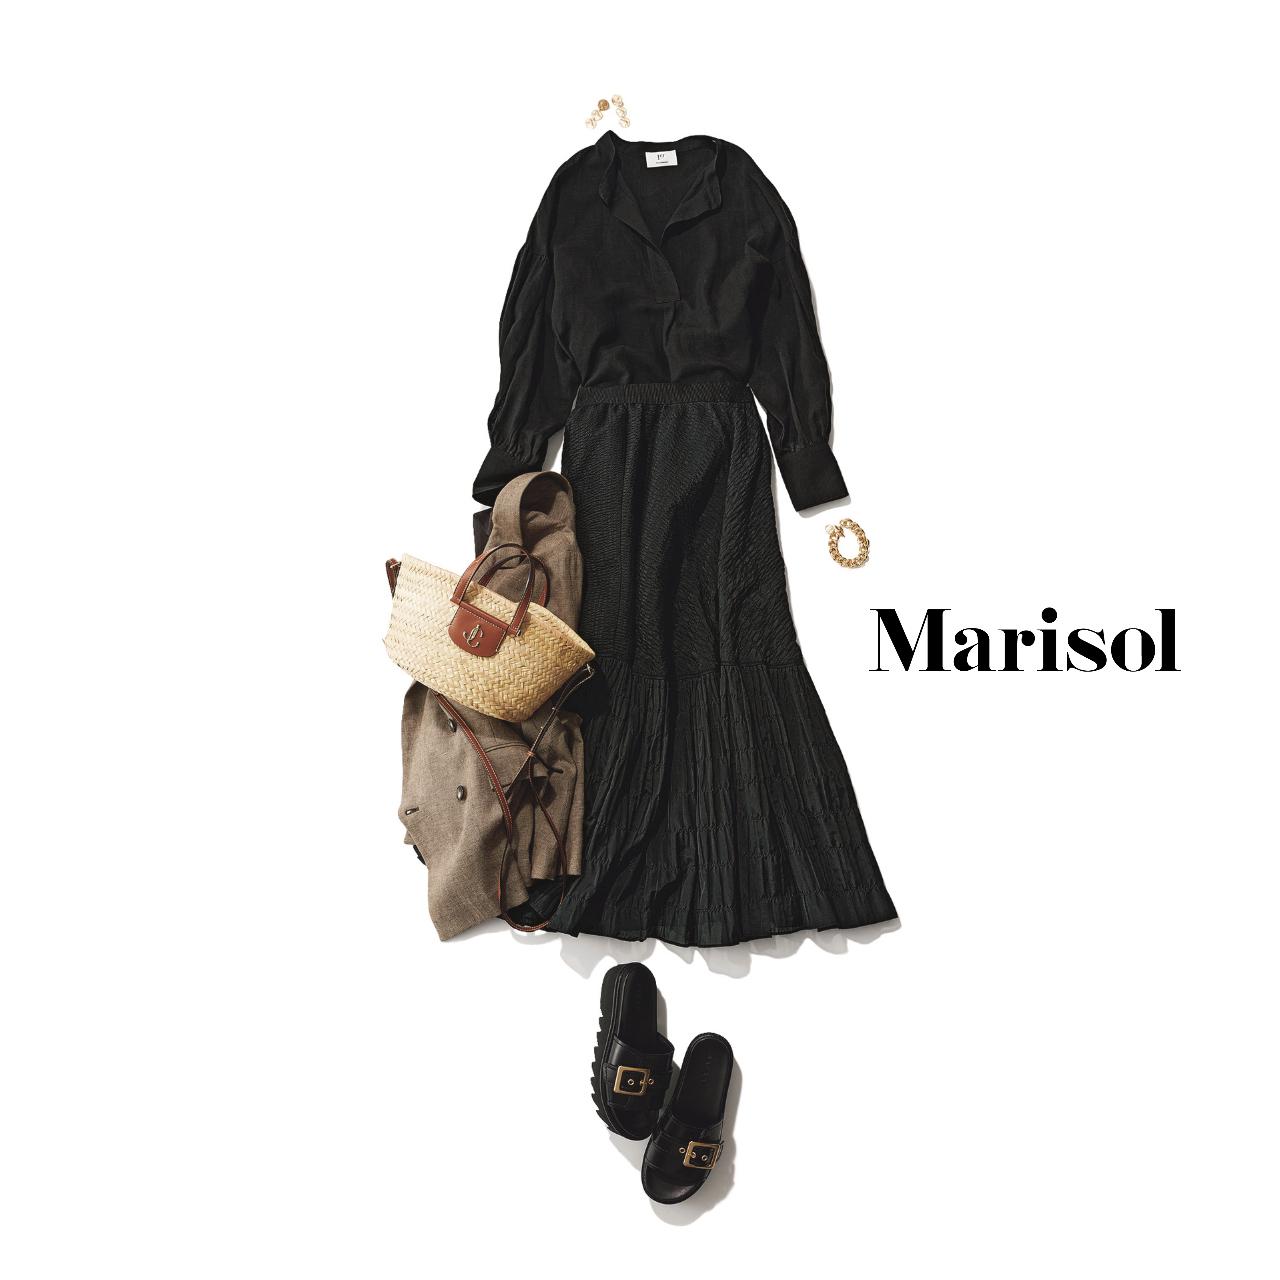 未発売のGU、ここだけの話から今季「ブリックレッド」のドレスを選ぶ理由まで【ファッション人気記事ランキングトップ10】_1_7